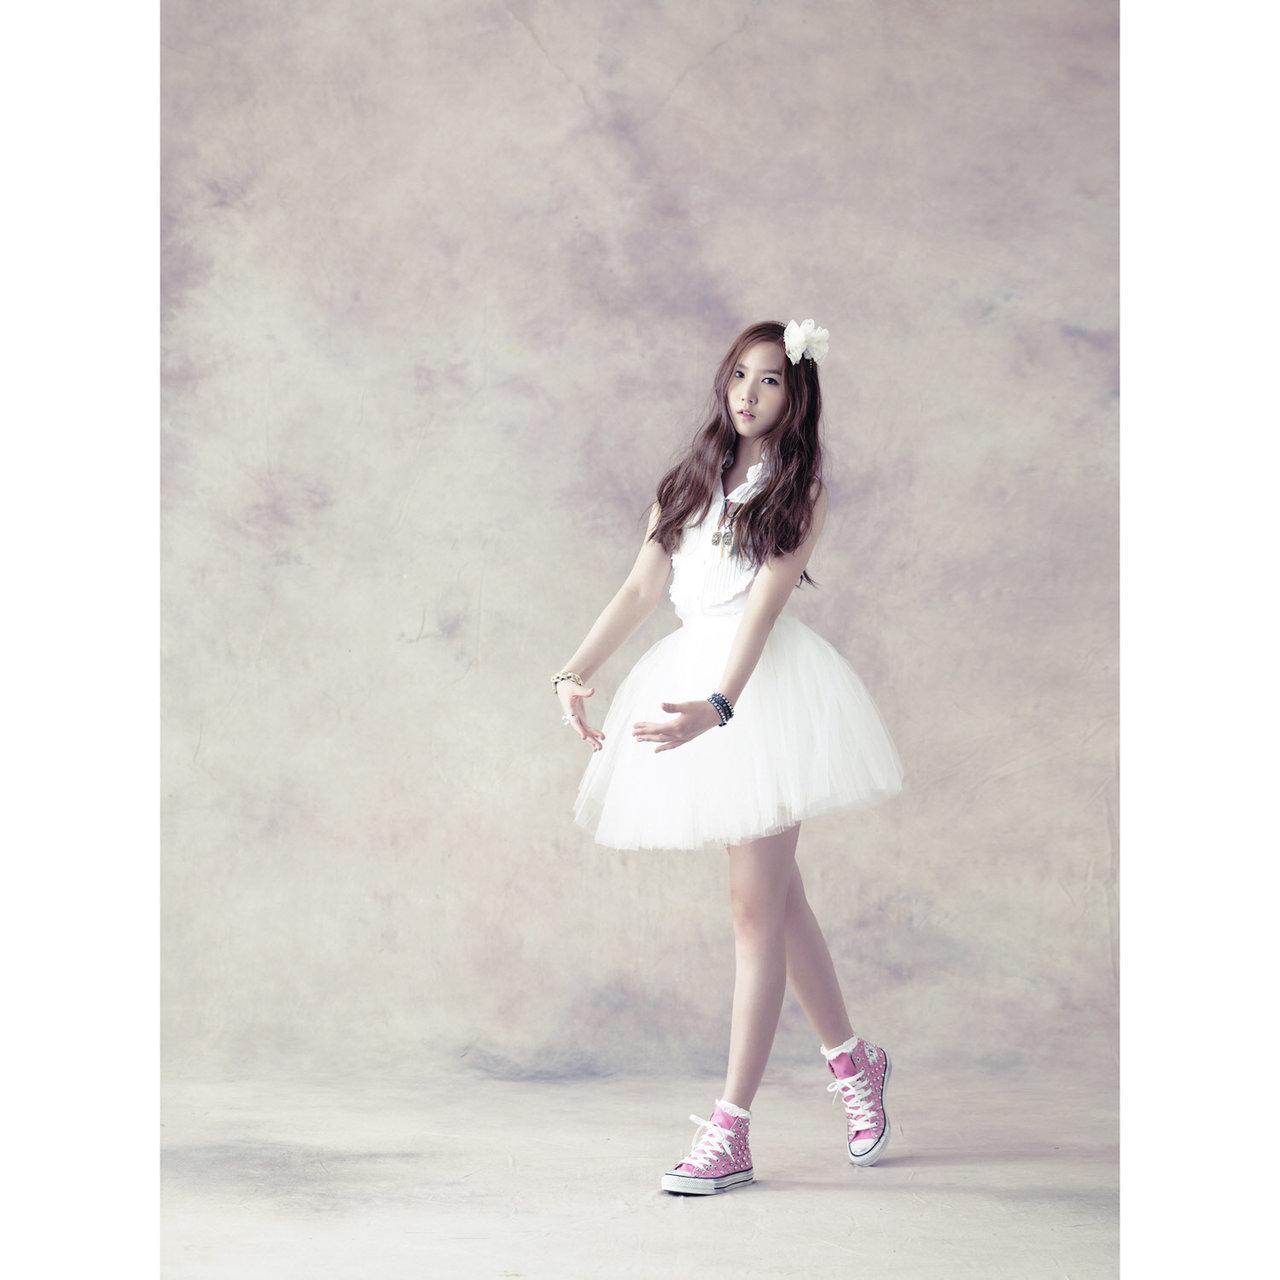 http://4.bp.blogspot.com/-Yw77RnC8w6A/TuoDUrtSZ6I/AAAAAAAAAaE/lCE5IpukkqY/s1600/Yookyung.jpg